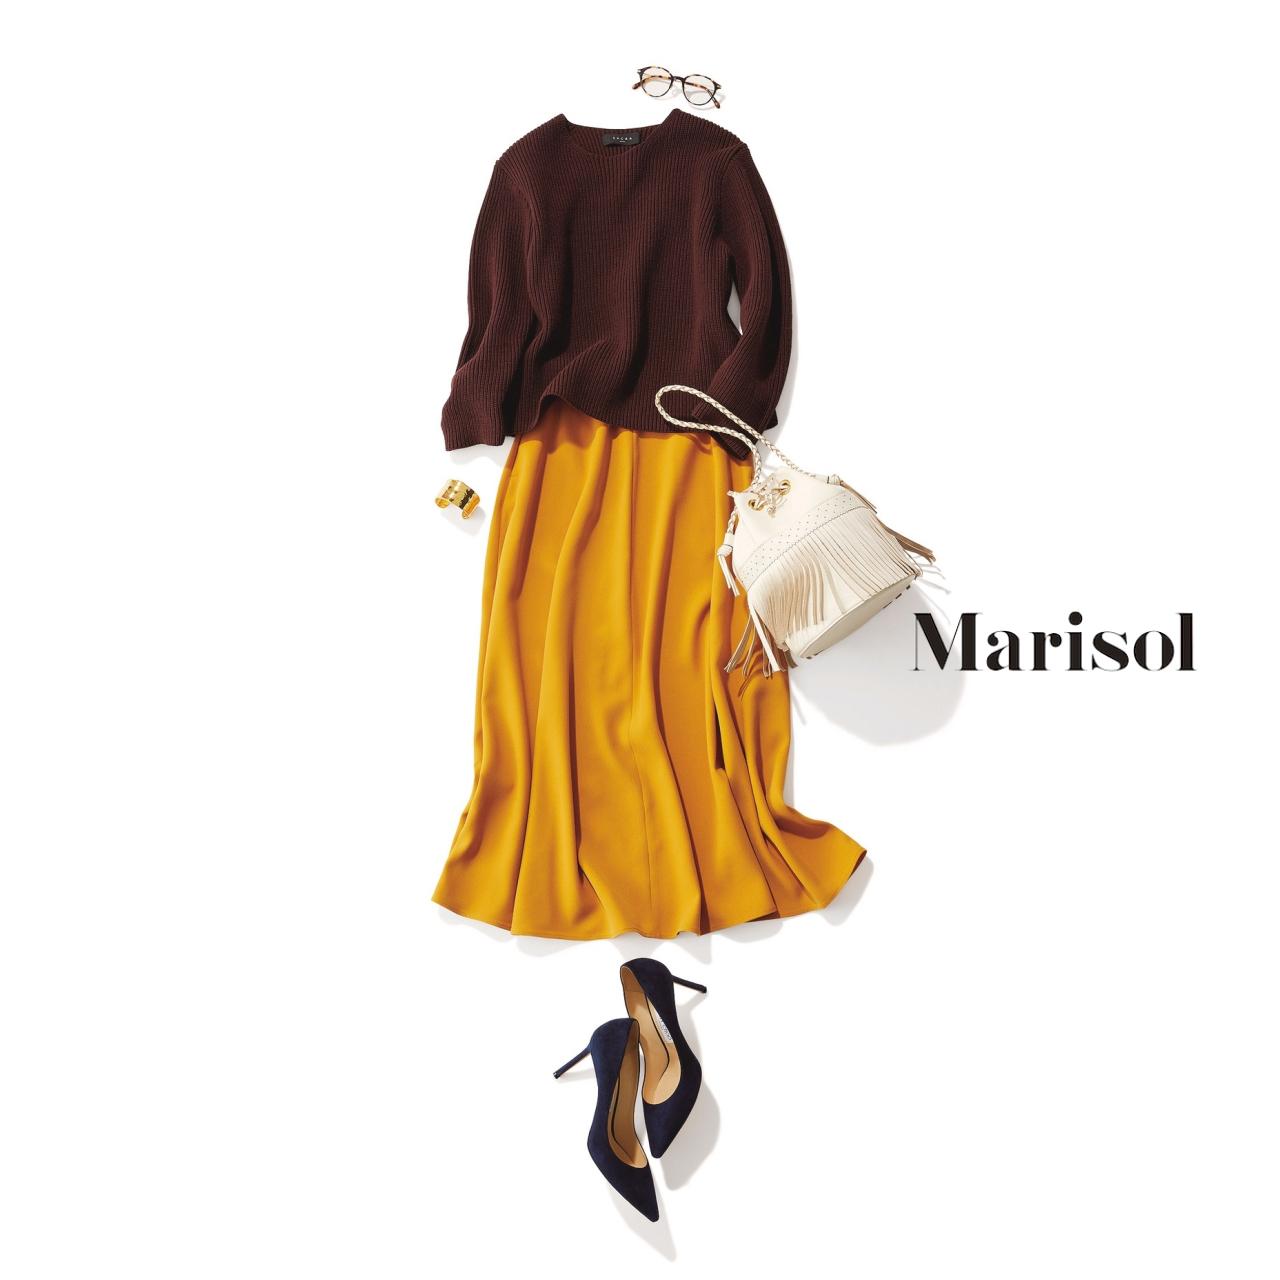 イエロースカート×ブラウンニットのファッションコーデ